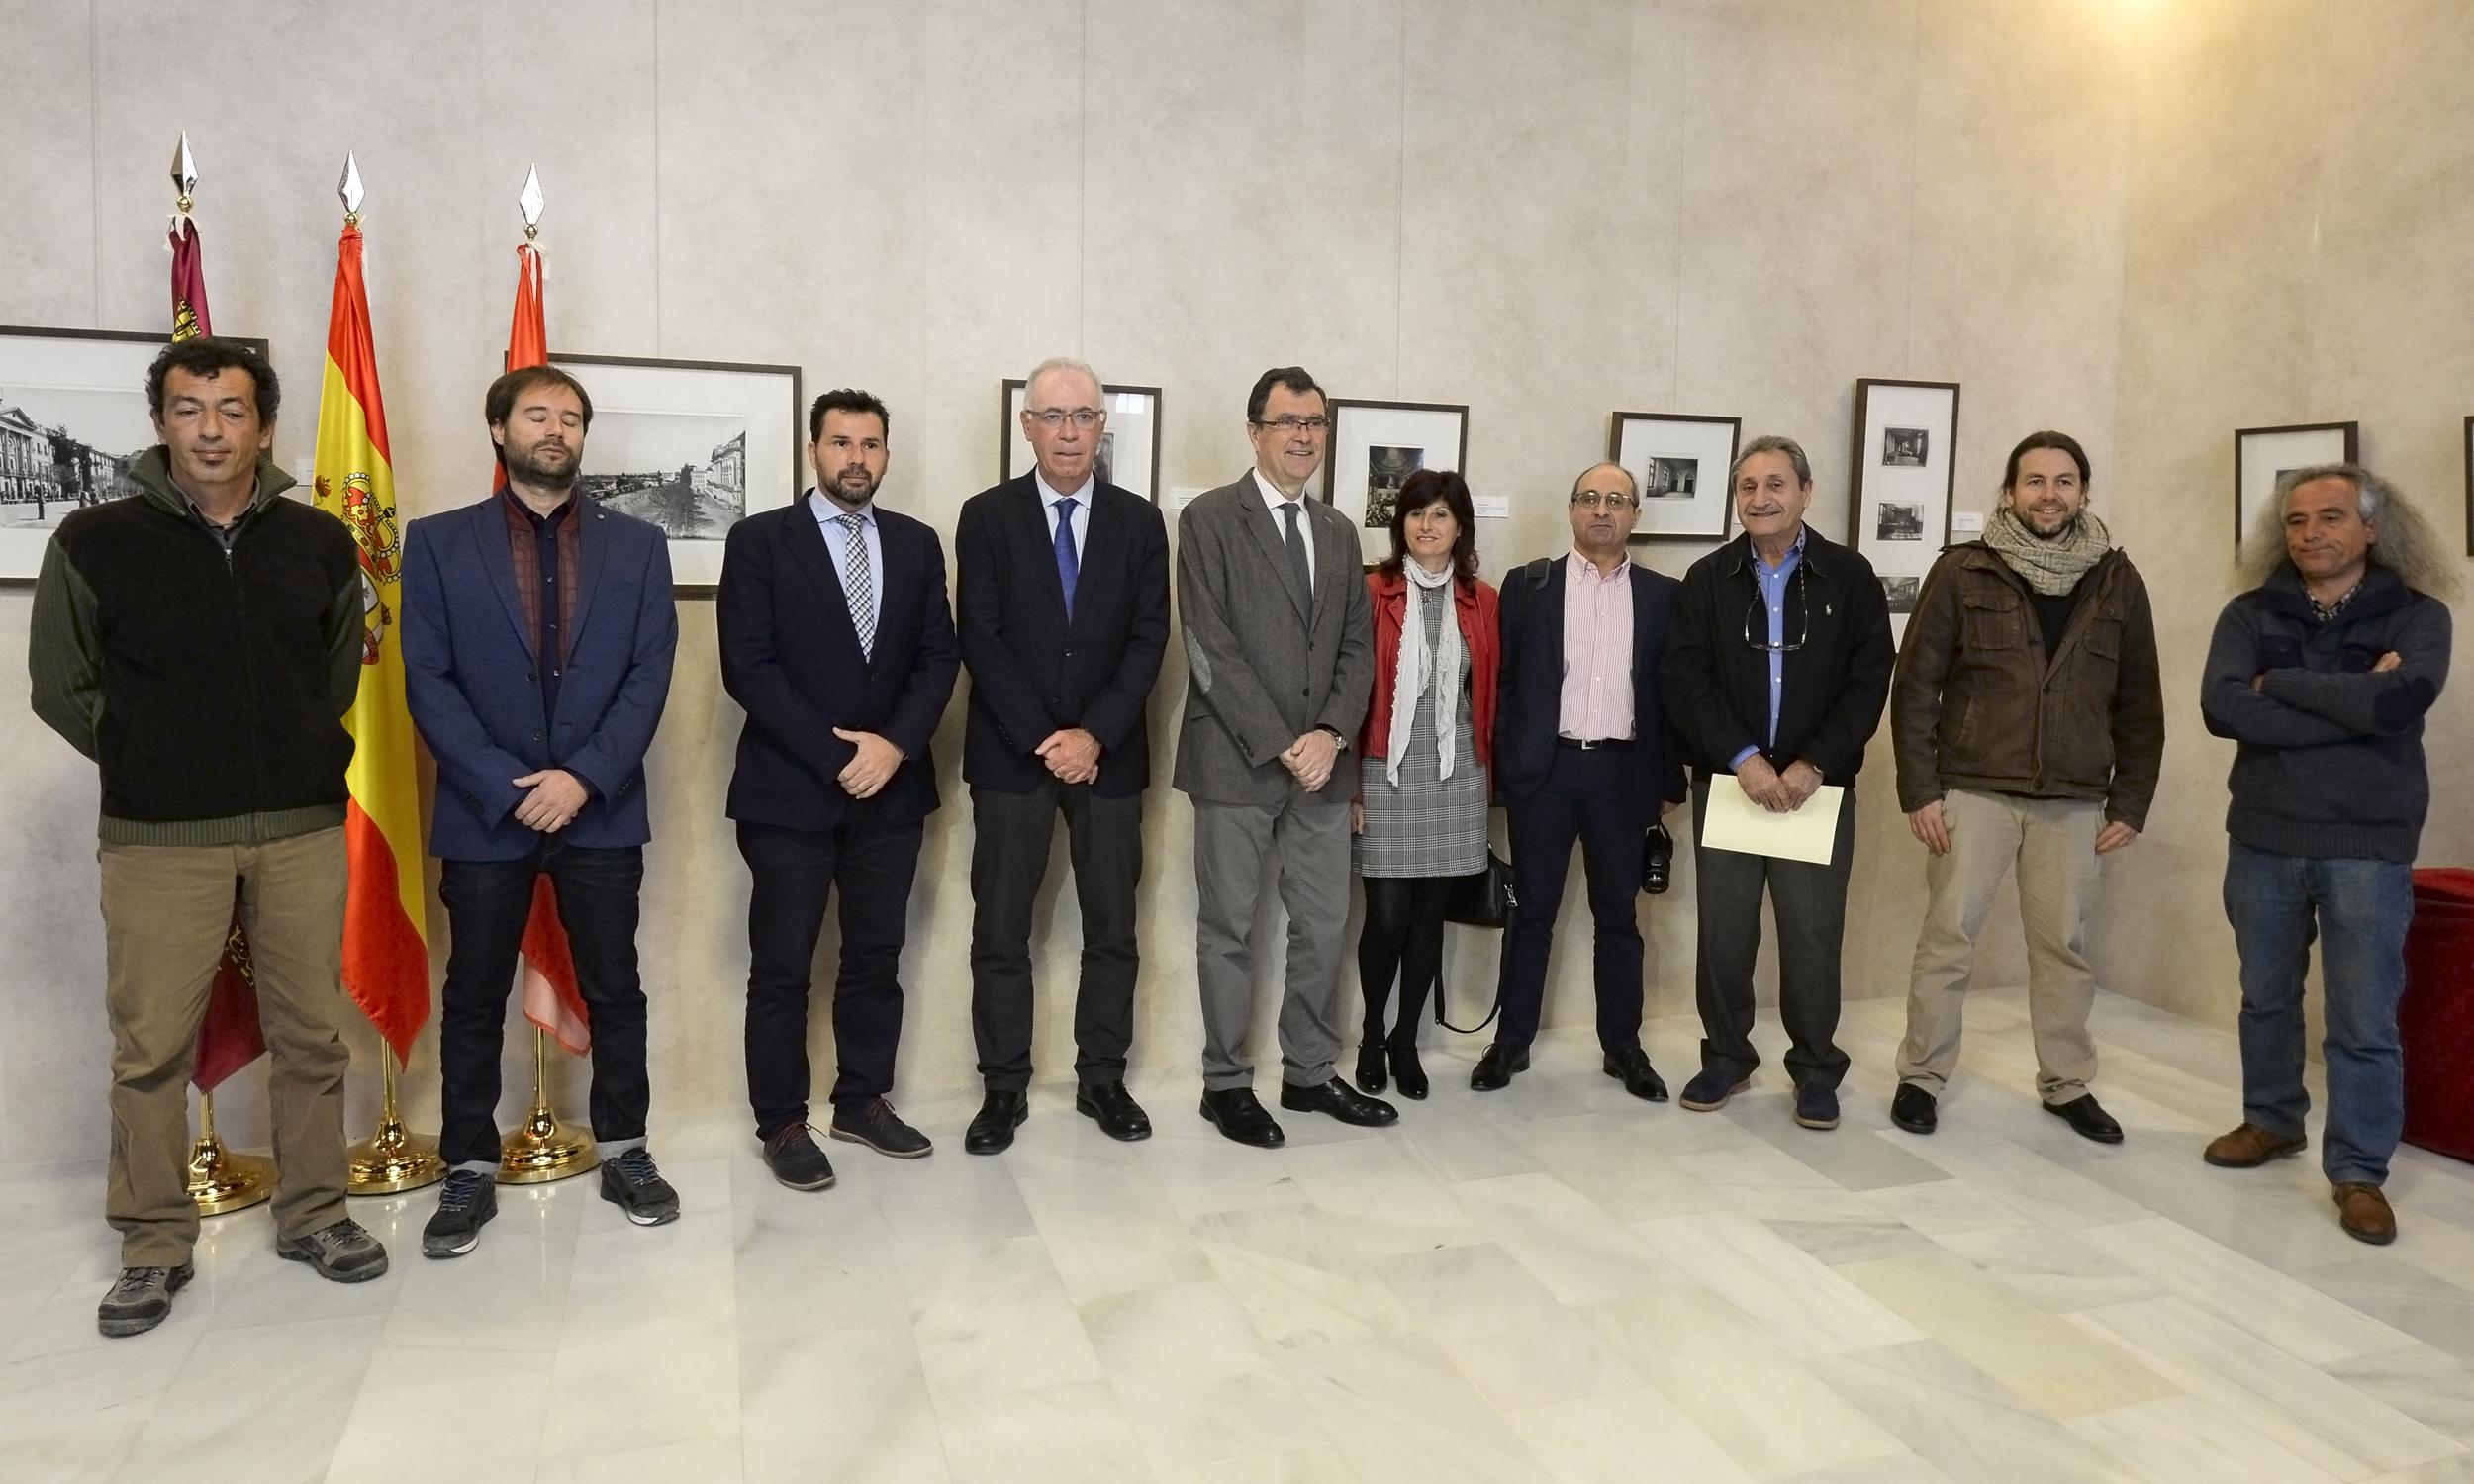 El alcalde, con los representantes de las entidades medioambientales. Imagen: Ayto. de Murcia